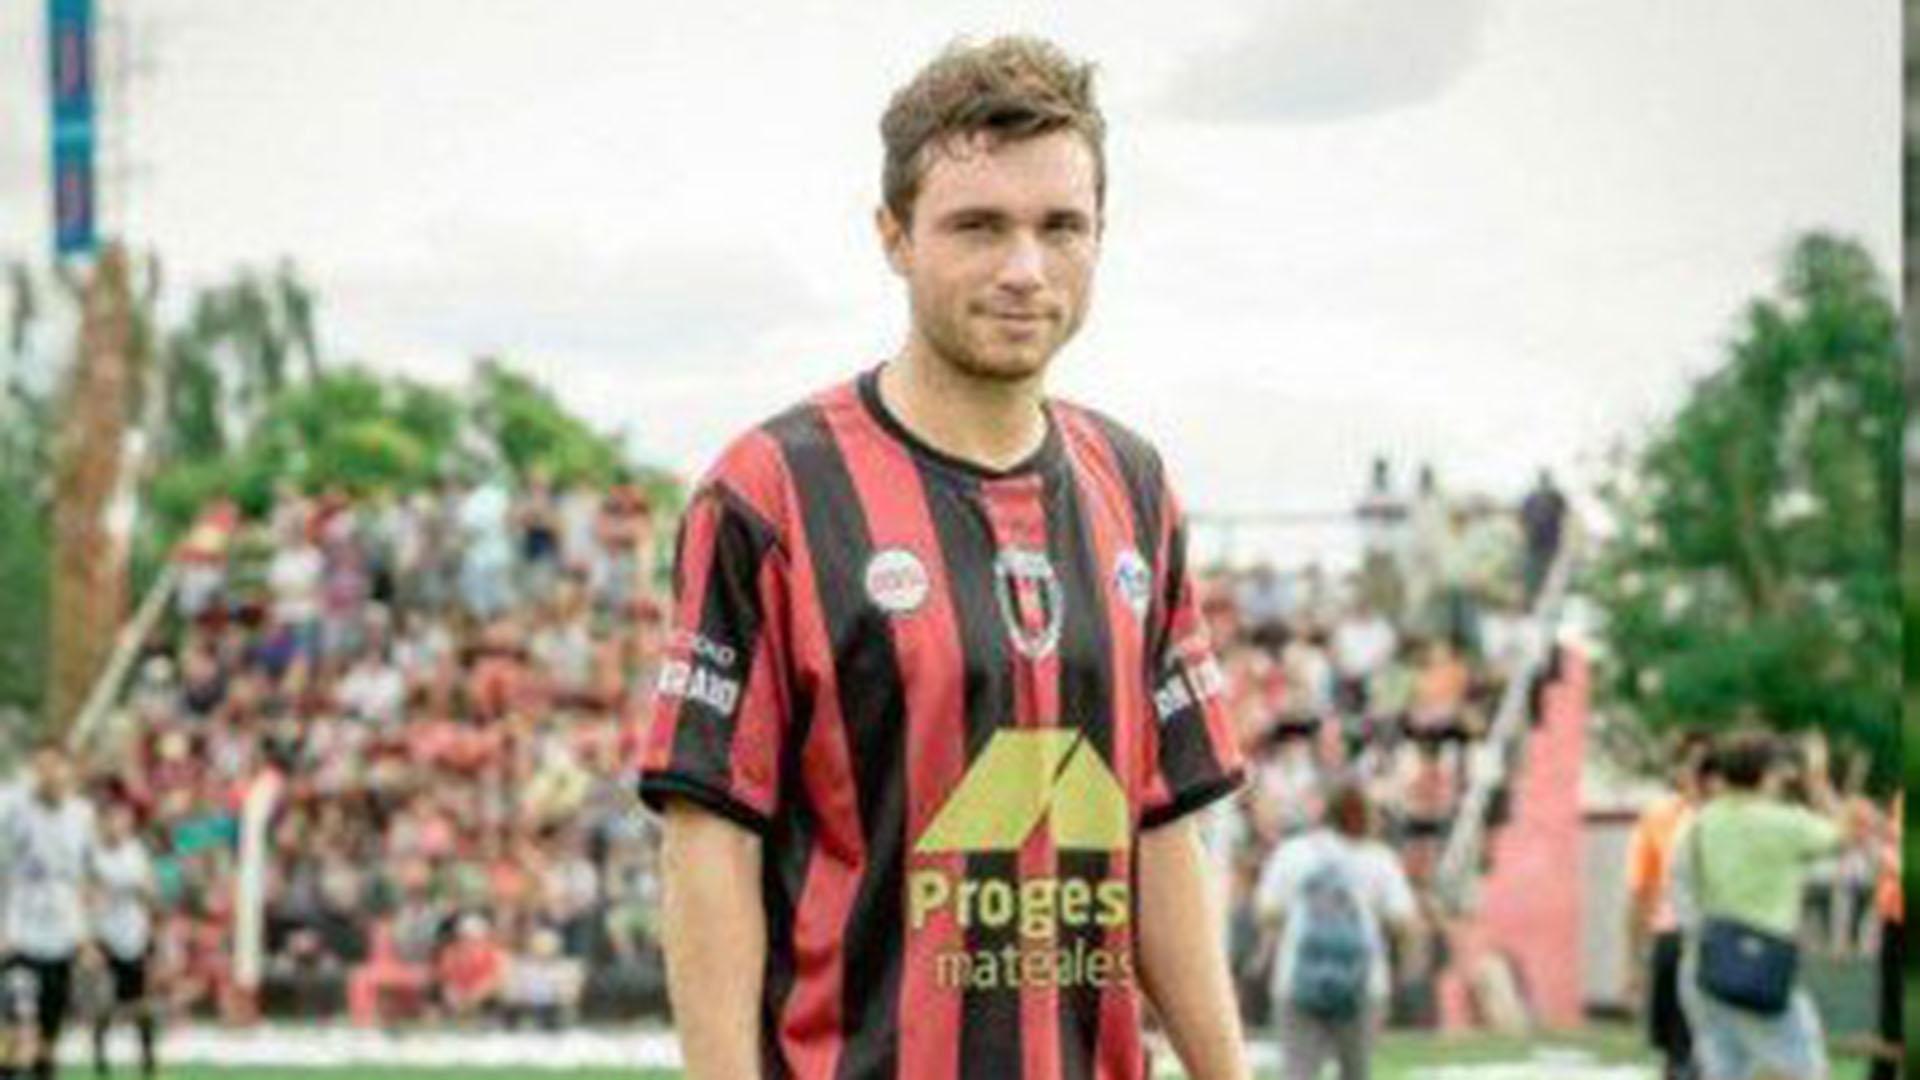 Rabellino, de 24 años, pasó por las divisiones formativas de Atlético Rafaela (Foto: @EmilianoGuardia)